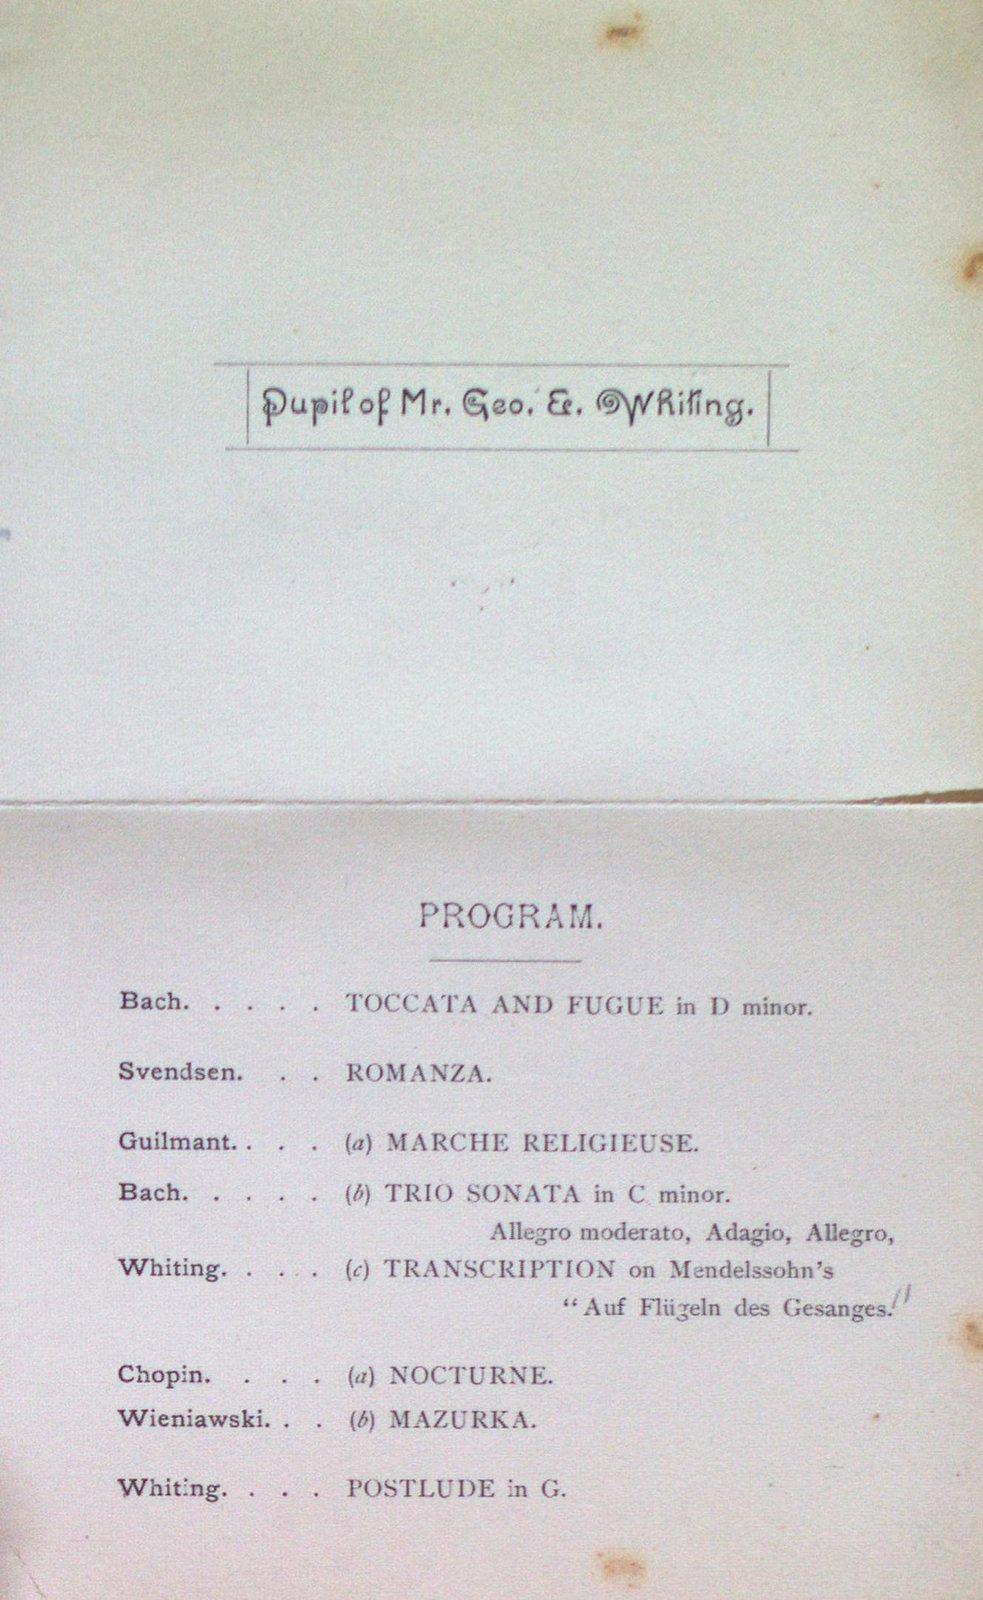 Teresa Vanderburgh's Musical Scrapbook #1 - Organ Recital Program